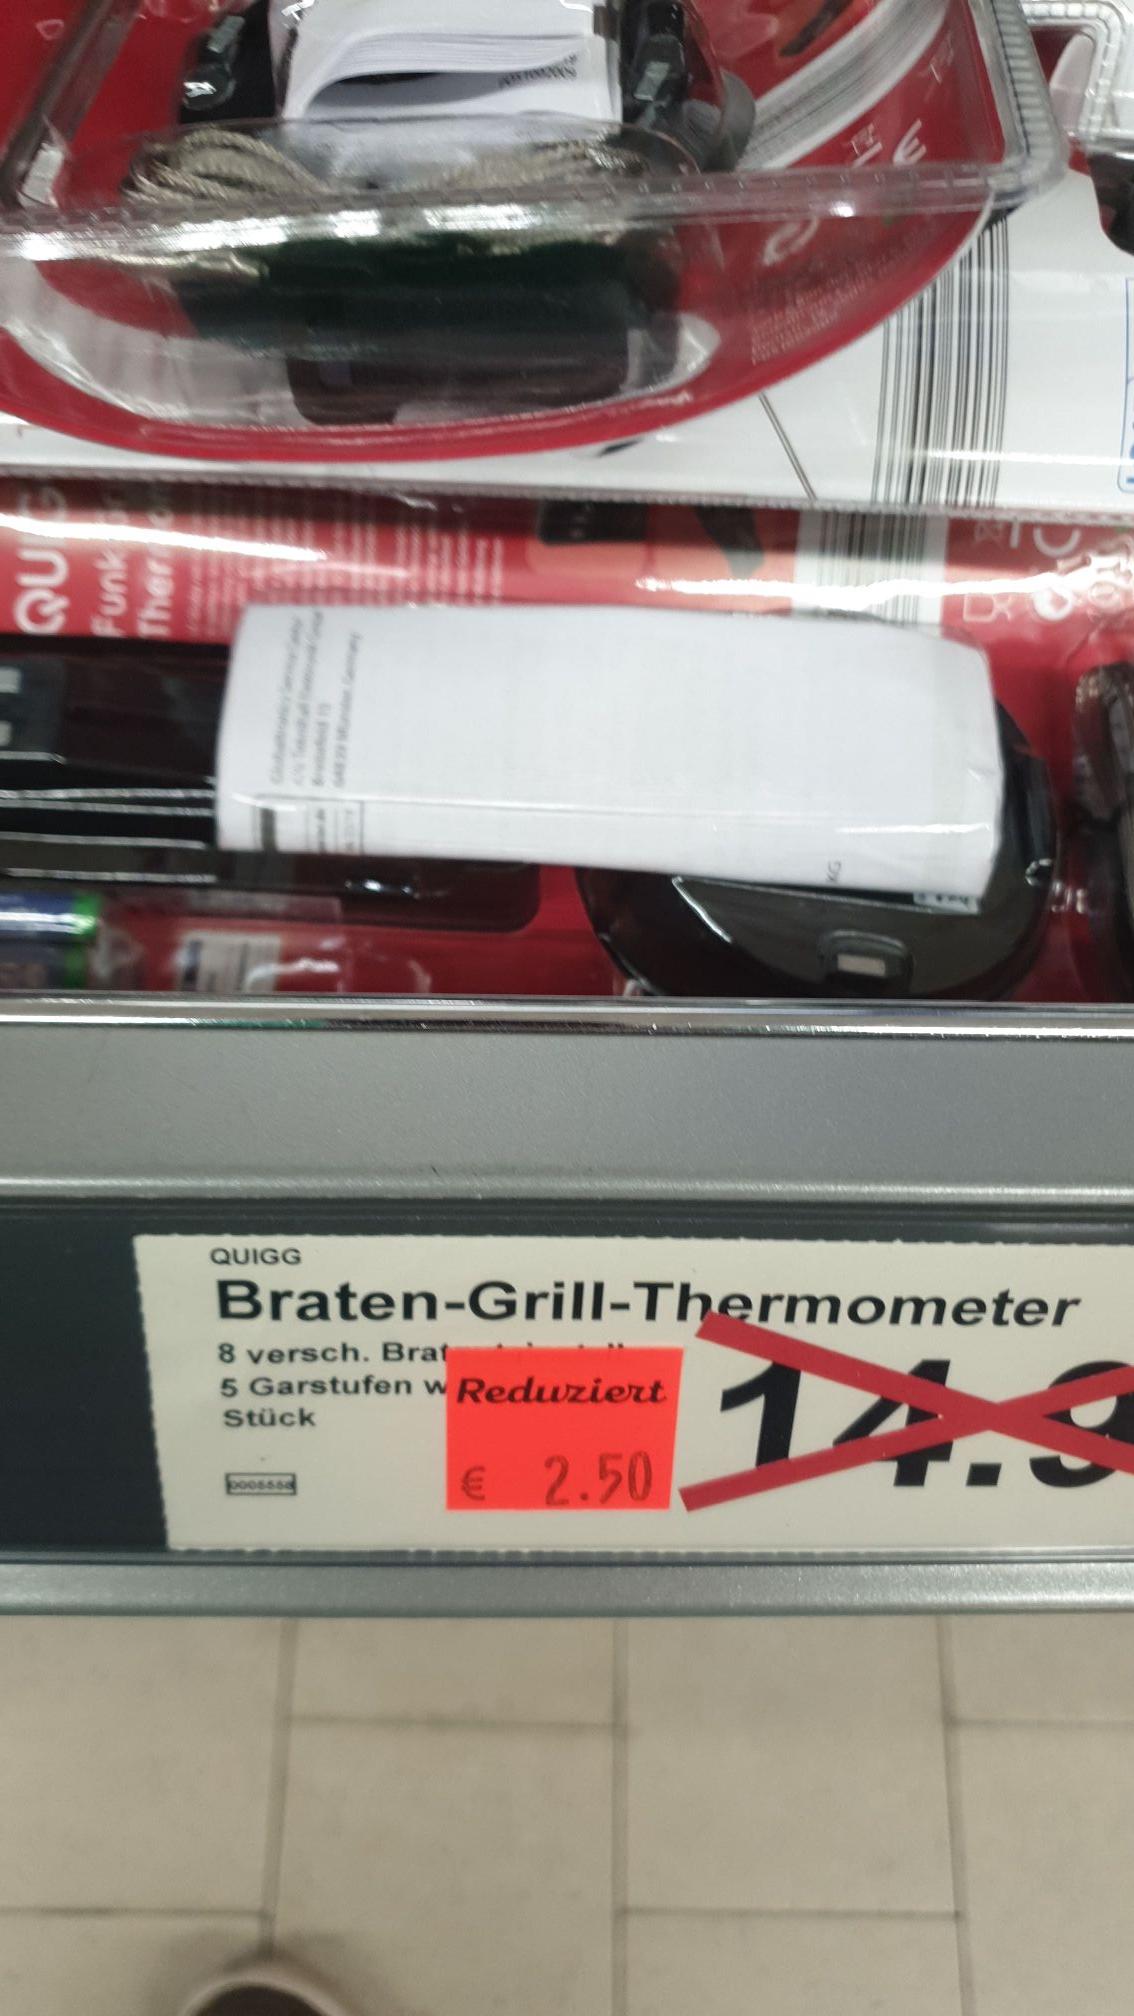 [Lokal - Aldi Nord Recklinghausen] quigg braten grill thermometer aus Aprilaktion für nur 2,50 EUR